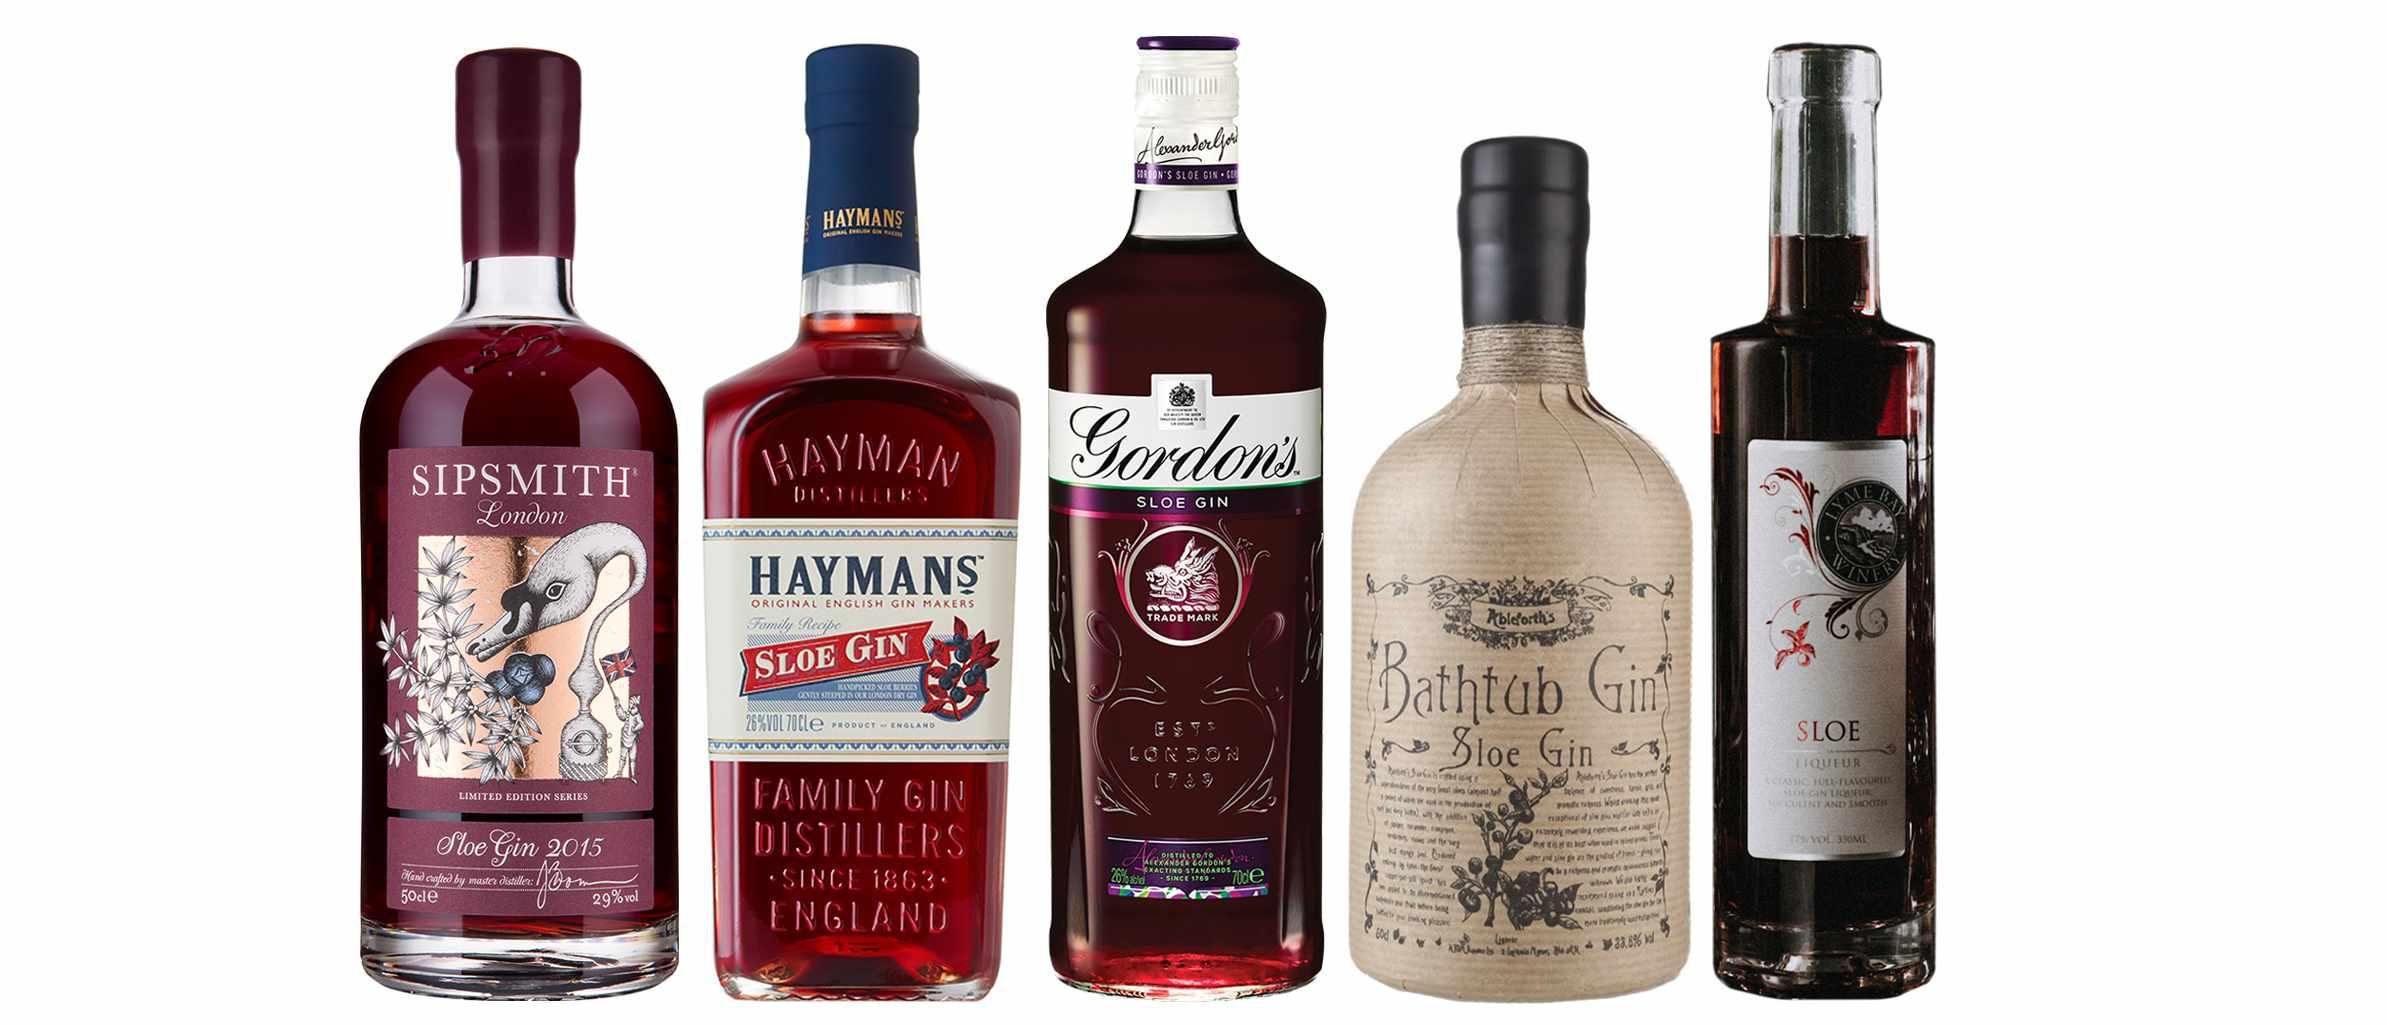 Sloe gin taste test header image